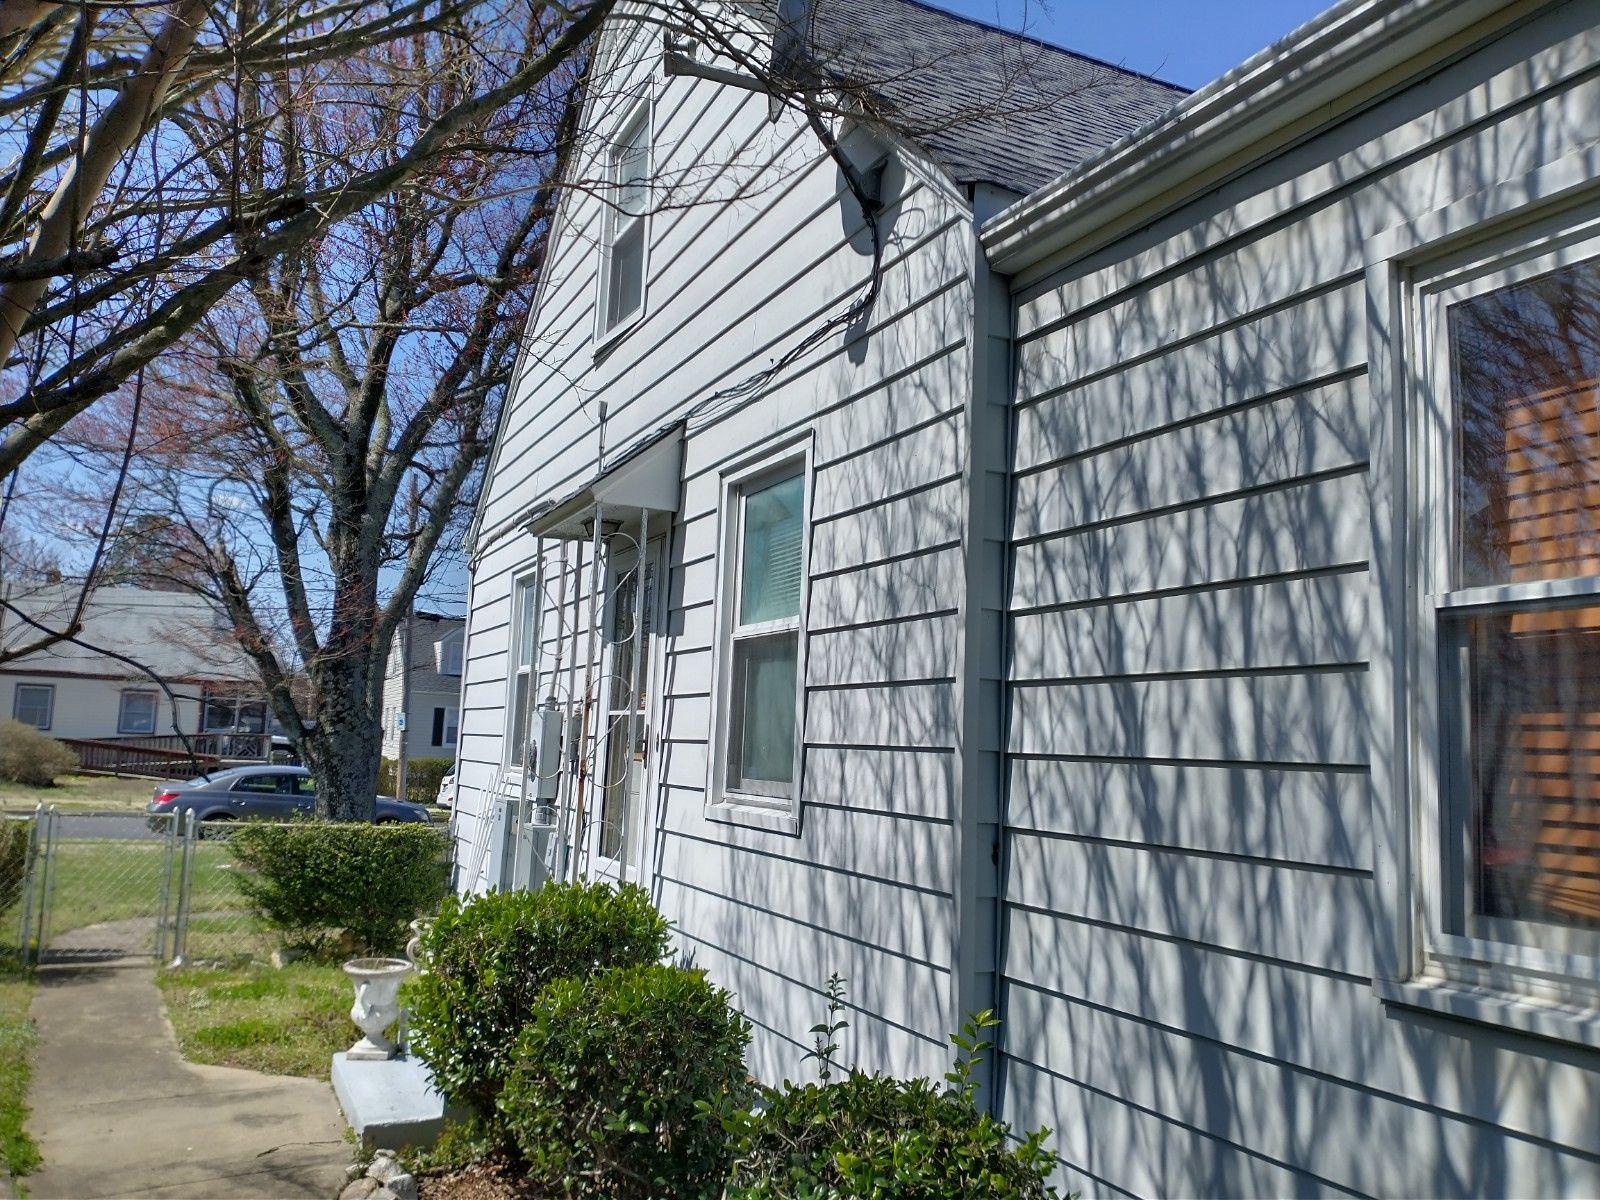 3921 Peyton Ave (Image - 1)